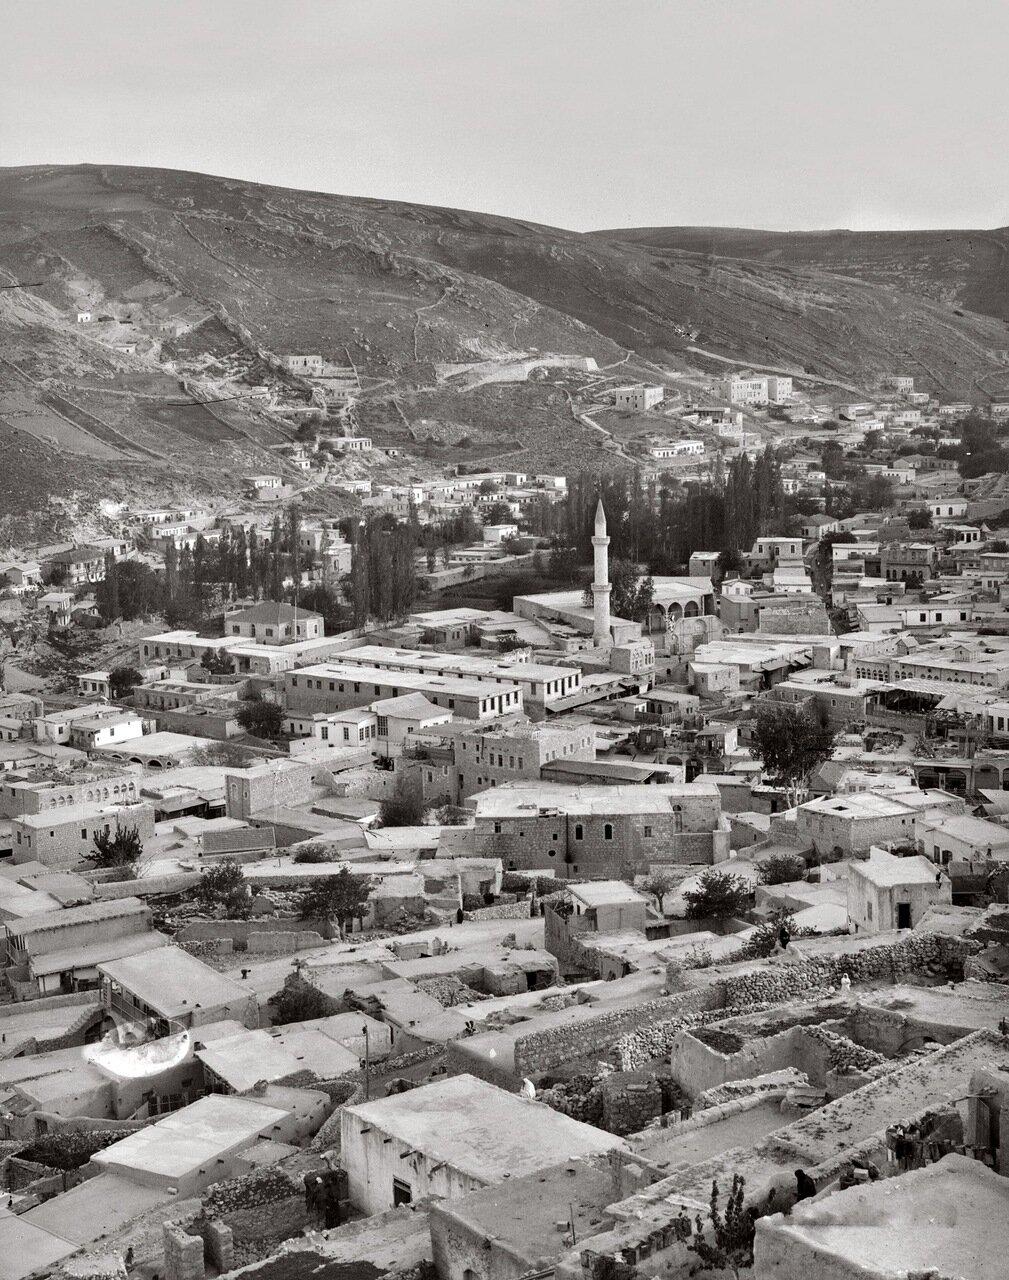 Современный город и мечеть. Древний Раббат Аммон или Филадельфия. Амман, Трансиордания. 1898-1946 гг.